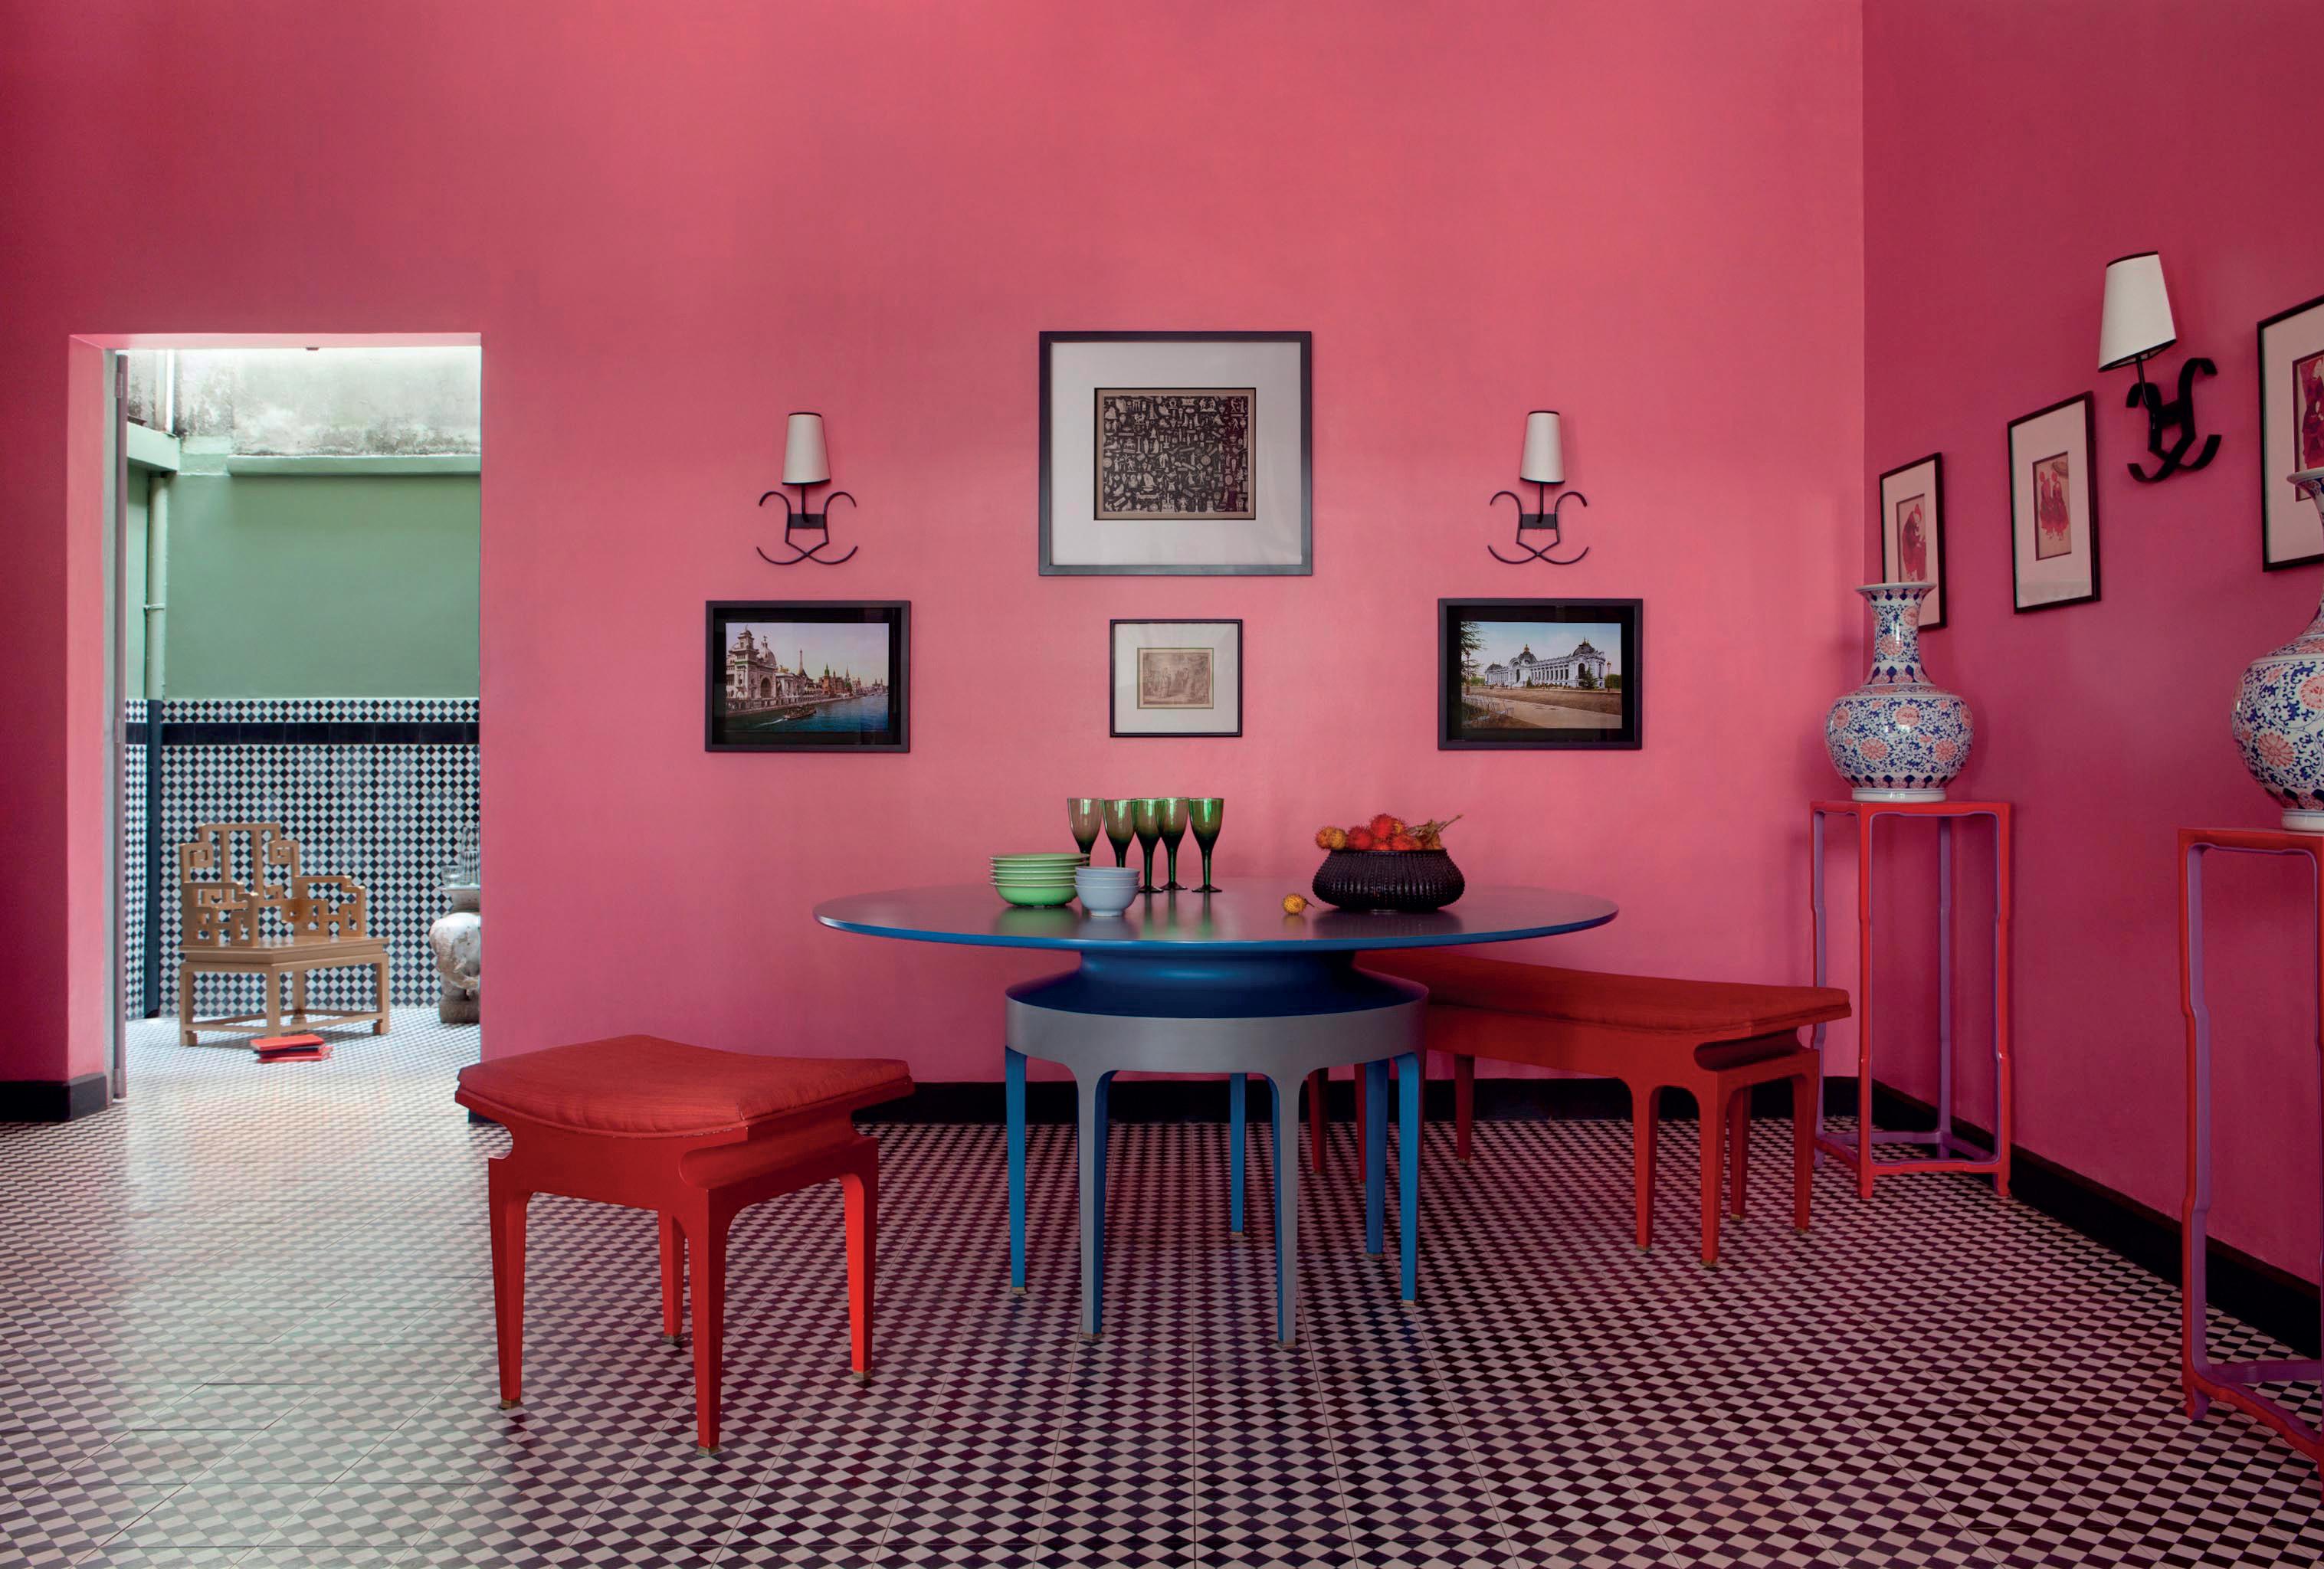 trang tr n i th t nhi u s c m u theo phong c ch 1950 elle. Black Bedroom Furniture Sets. Home Design Ideas